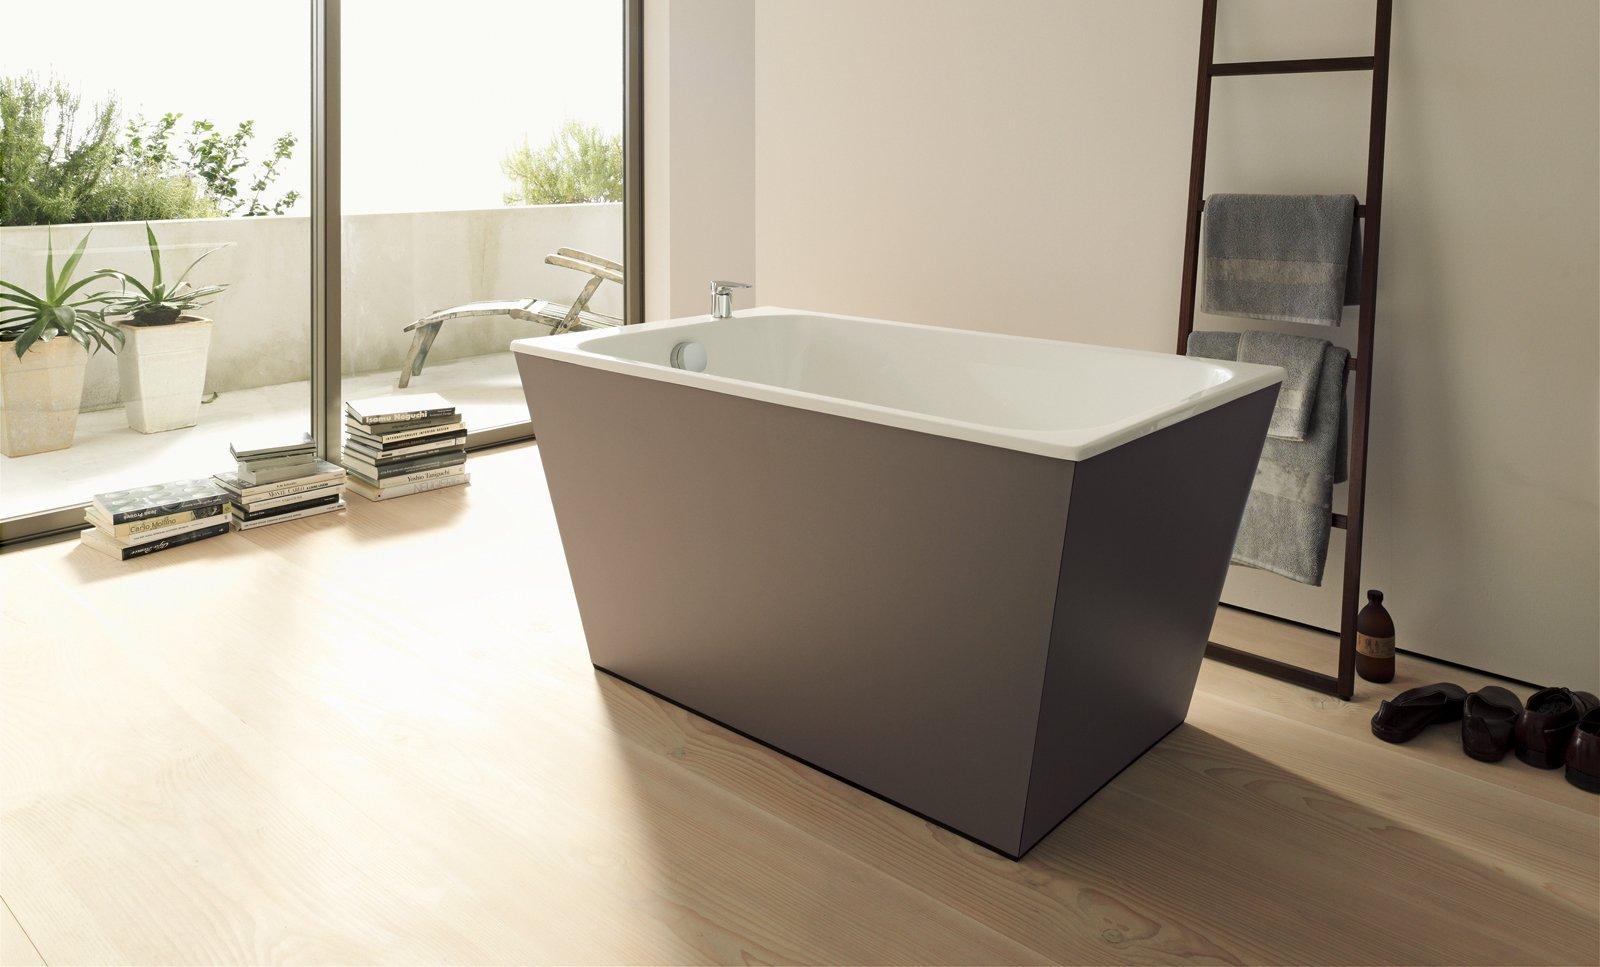 Vasche Da Bagno Prezzi E Misure : Vasche da bagno piccole cose di casa